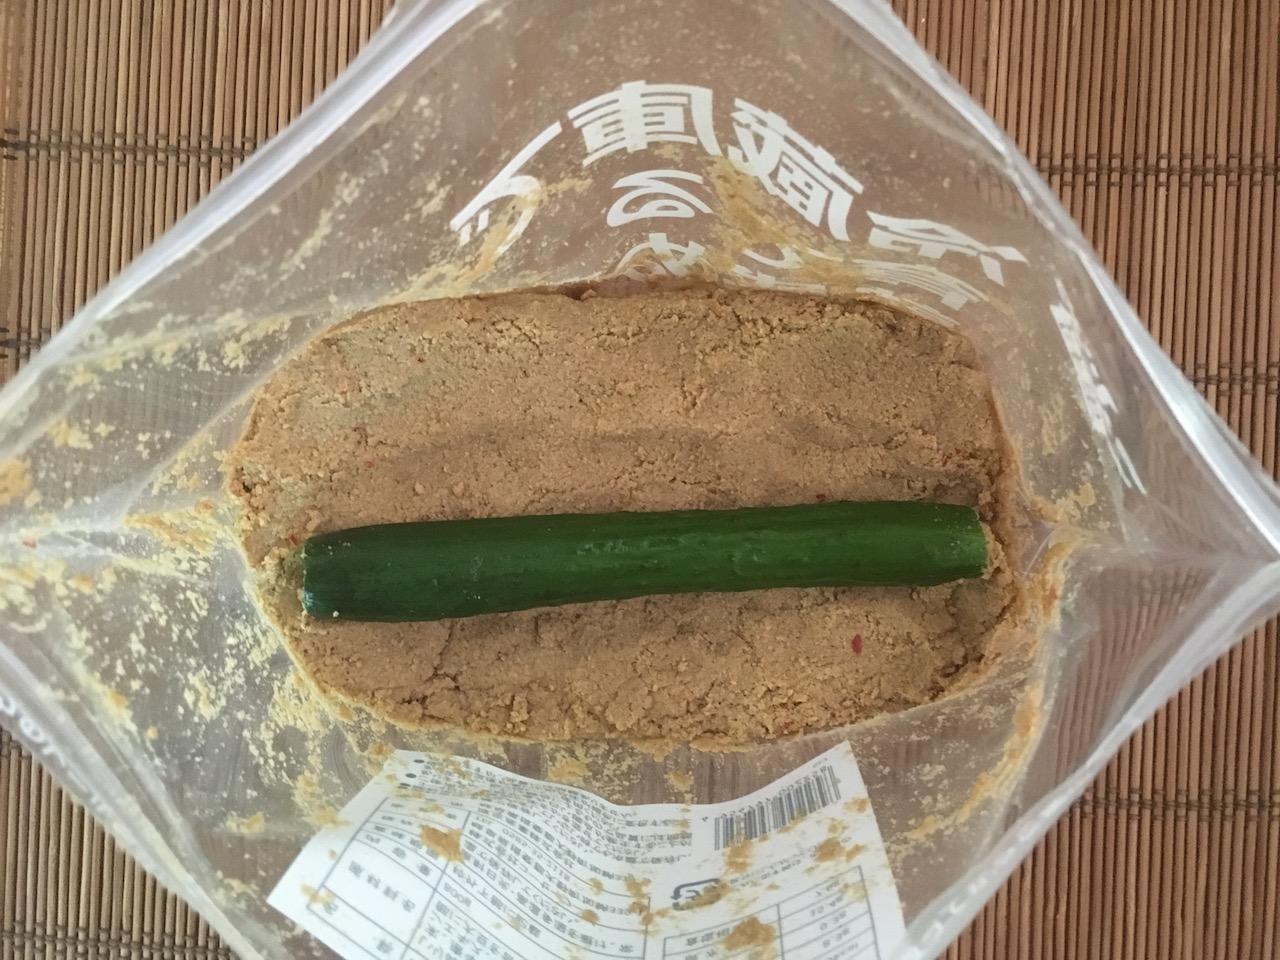 こうじや里村の冷蔵庫で育てる熟成ぬか床にきゅうりを入れる